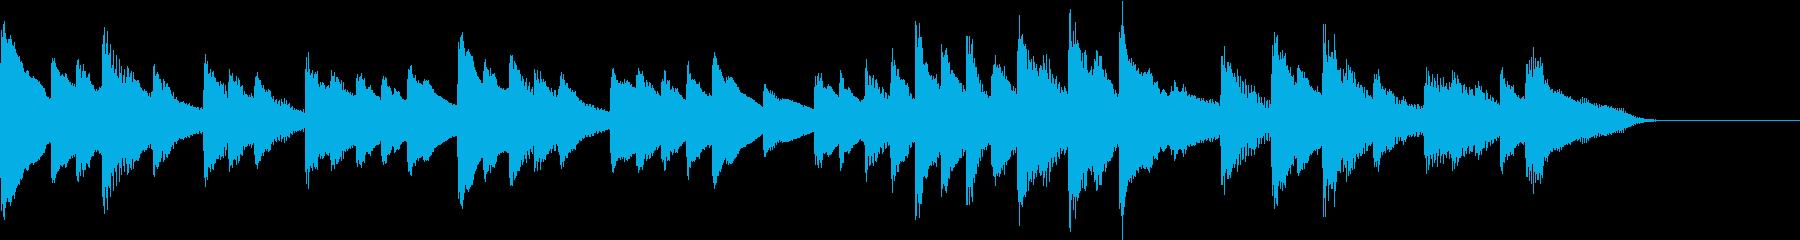 沖縄音階ののんびり穏やかなピアノジングルの再生済みの波形